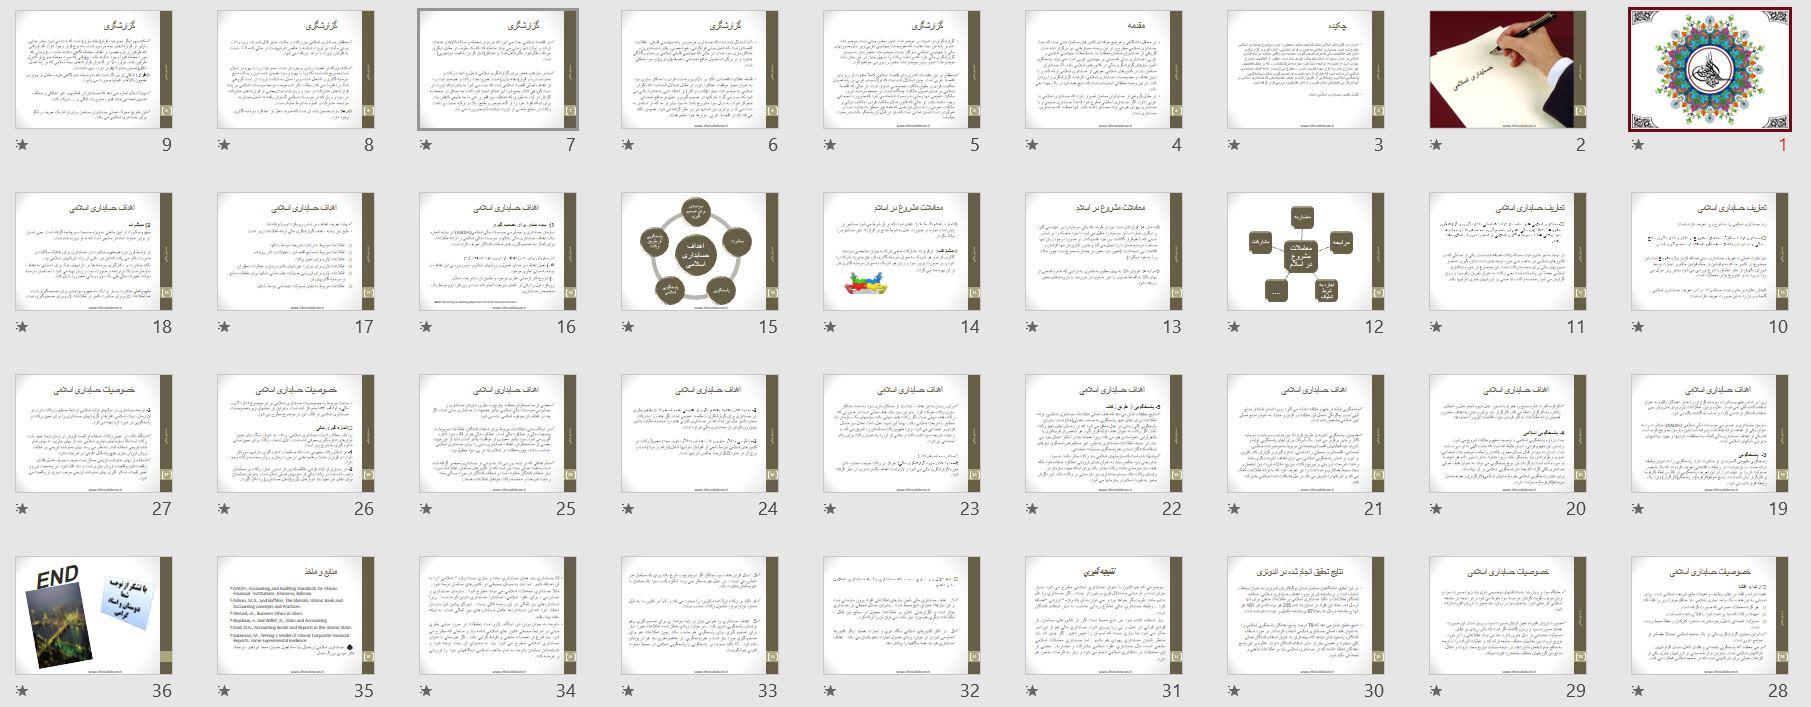 تصویر اسلاید های پاورپوینت حسابداری اسلامی ( پاورپوینت 2)